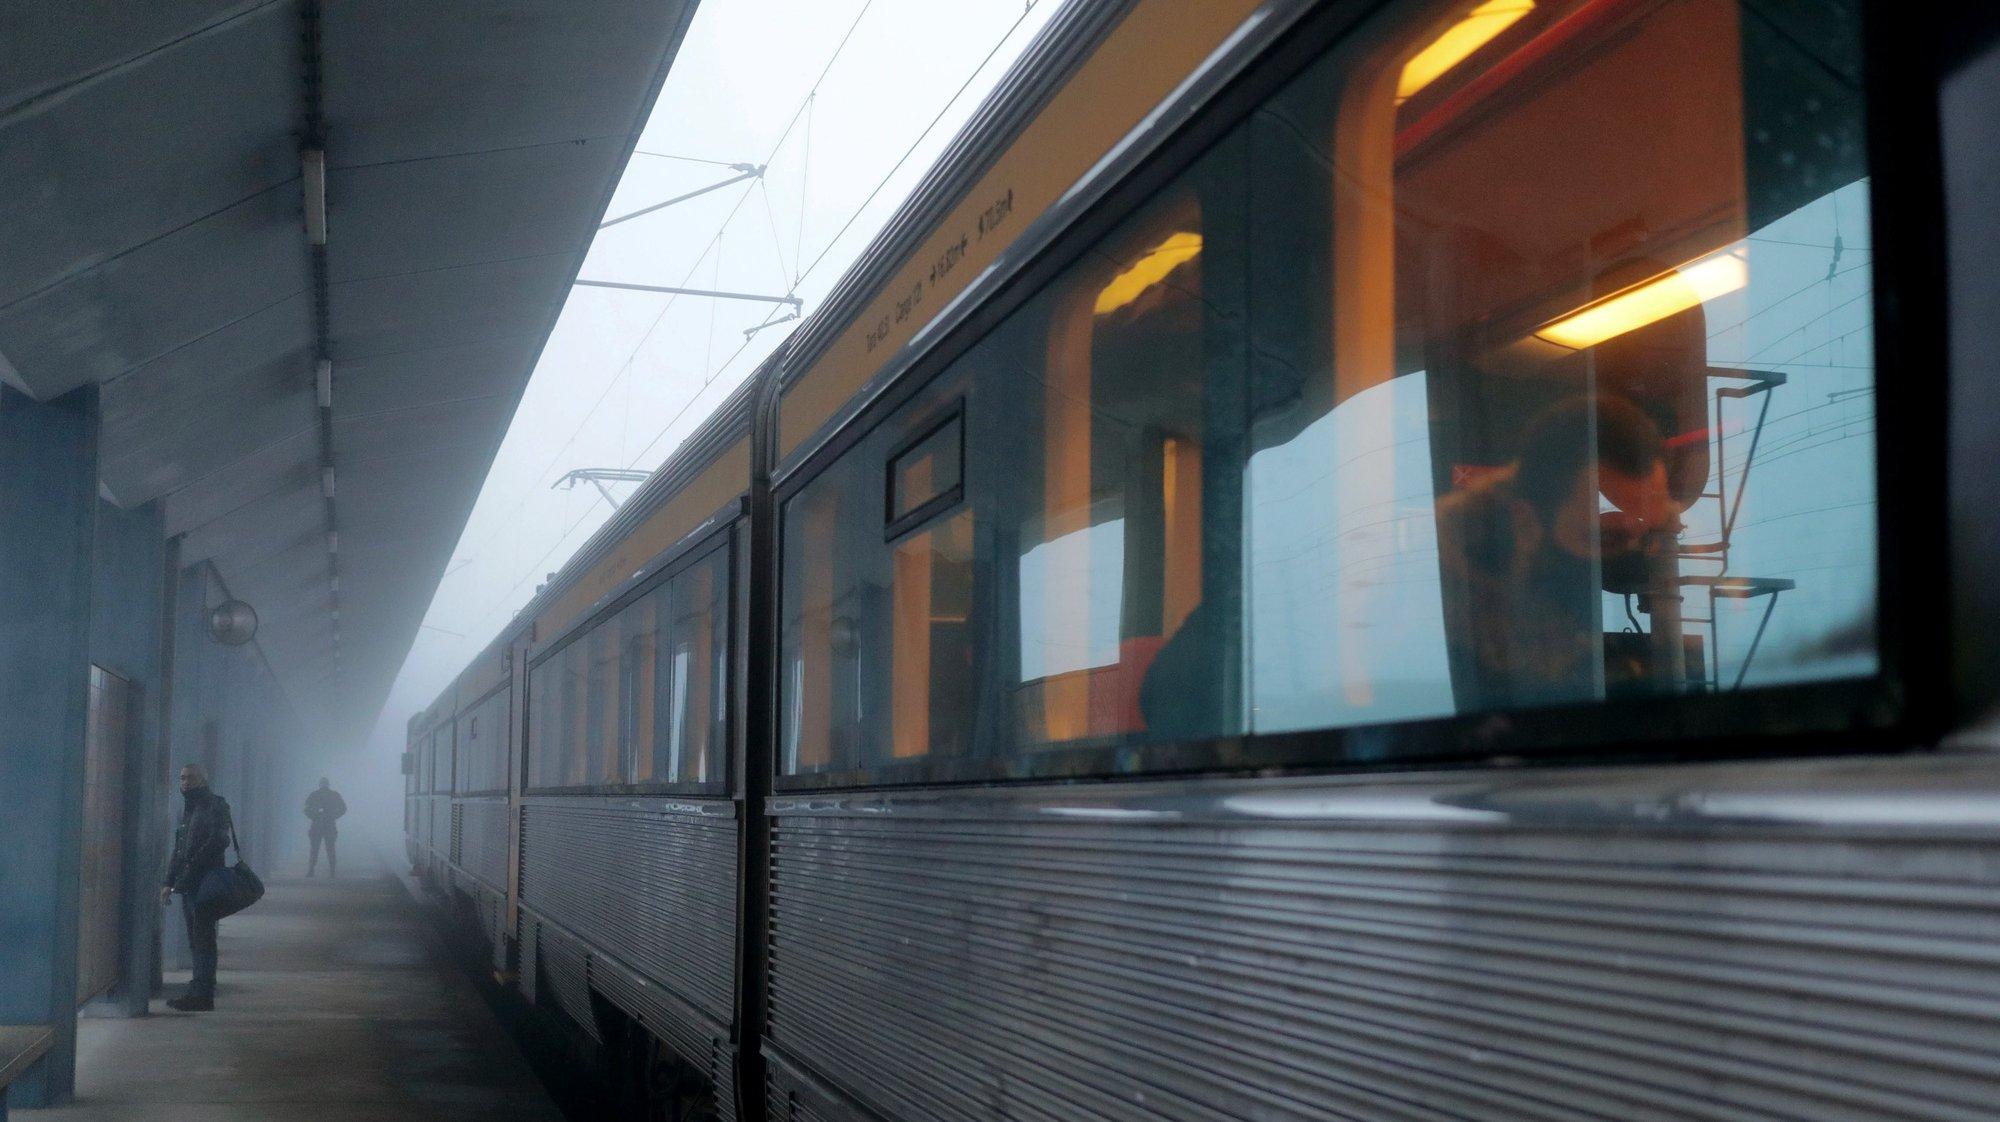 """Viagem de reativação do Comboio Operário que estabelece a ligação entre o Complexo Ferroviário de Guifões, em Matosinhos, e a Estação de Contumil, no Porto, que irá transportar diariamente, de manhã e ao final do dia, cerca de 80 trabalhadores, em Guifões, 04 de janeiro de 2021. Governo está a preparar um concurso para aquisição de mais 100 composições para a CP, a realizar em março, que irá """"privilegiar os candidatos que queiram construir em Portugal"""", disse à Lusa o secretário de Estado das Infraestruturas. ESTELA SILVA/LUSA"""